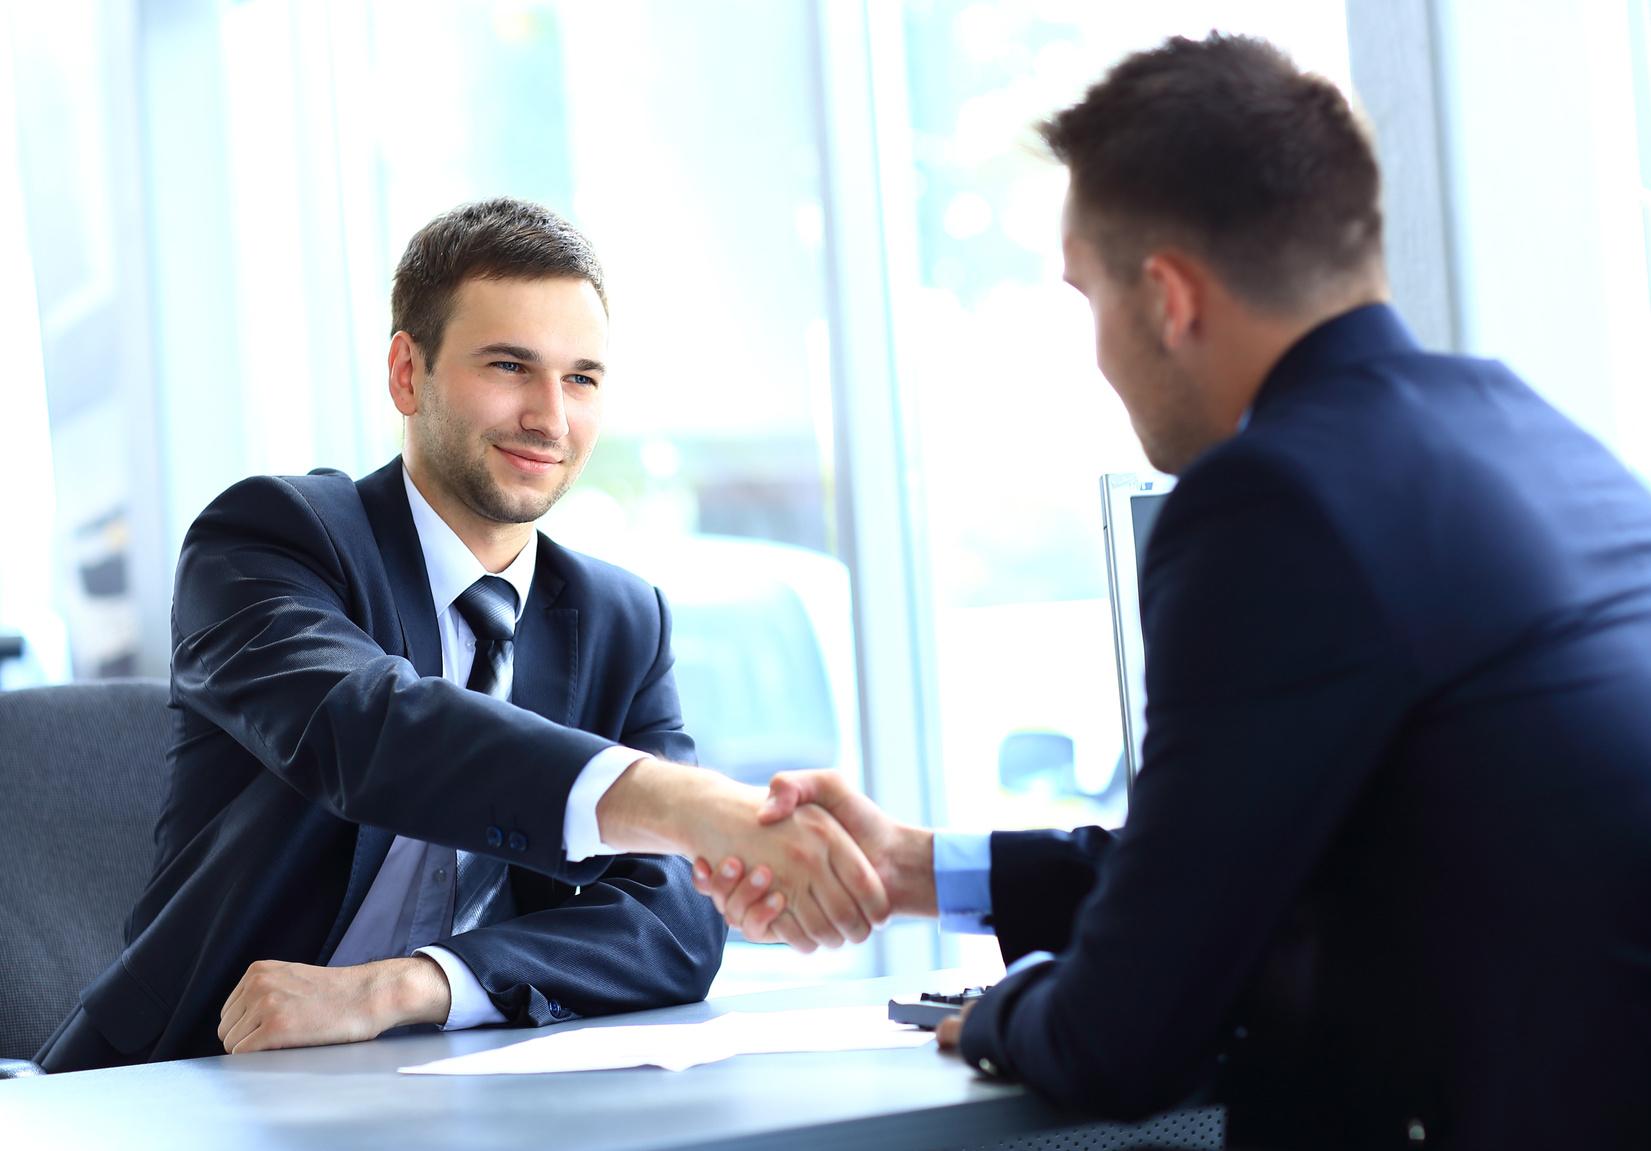 Fotolia_54960437_M Trucos para tener éxito en una entrevista de trabajo